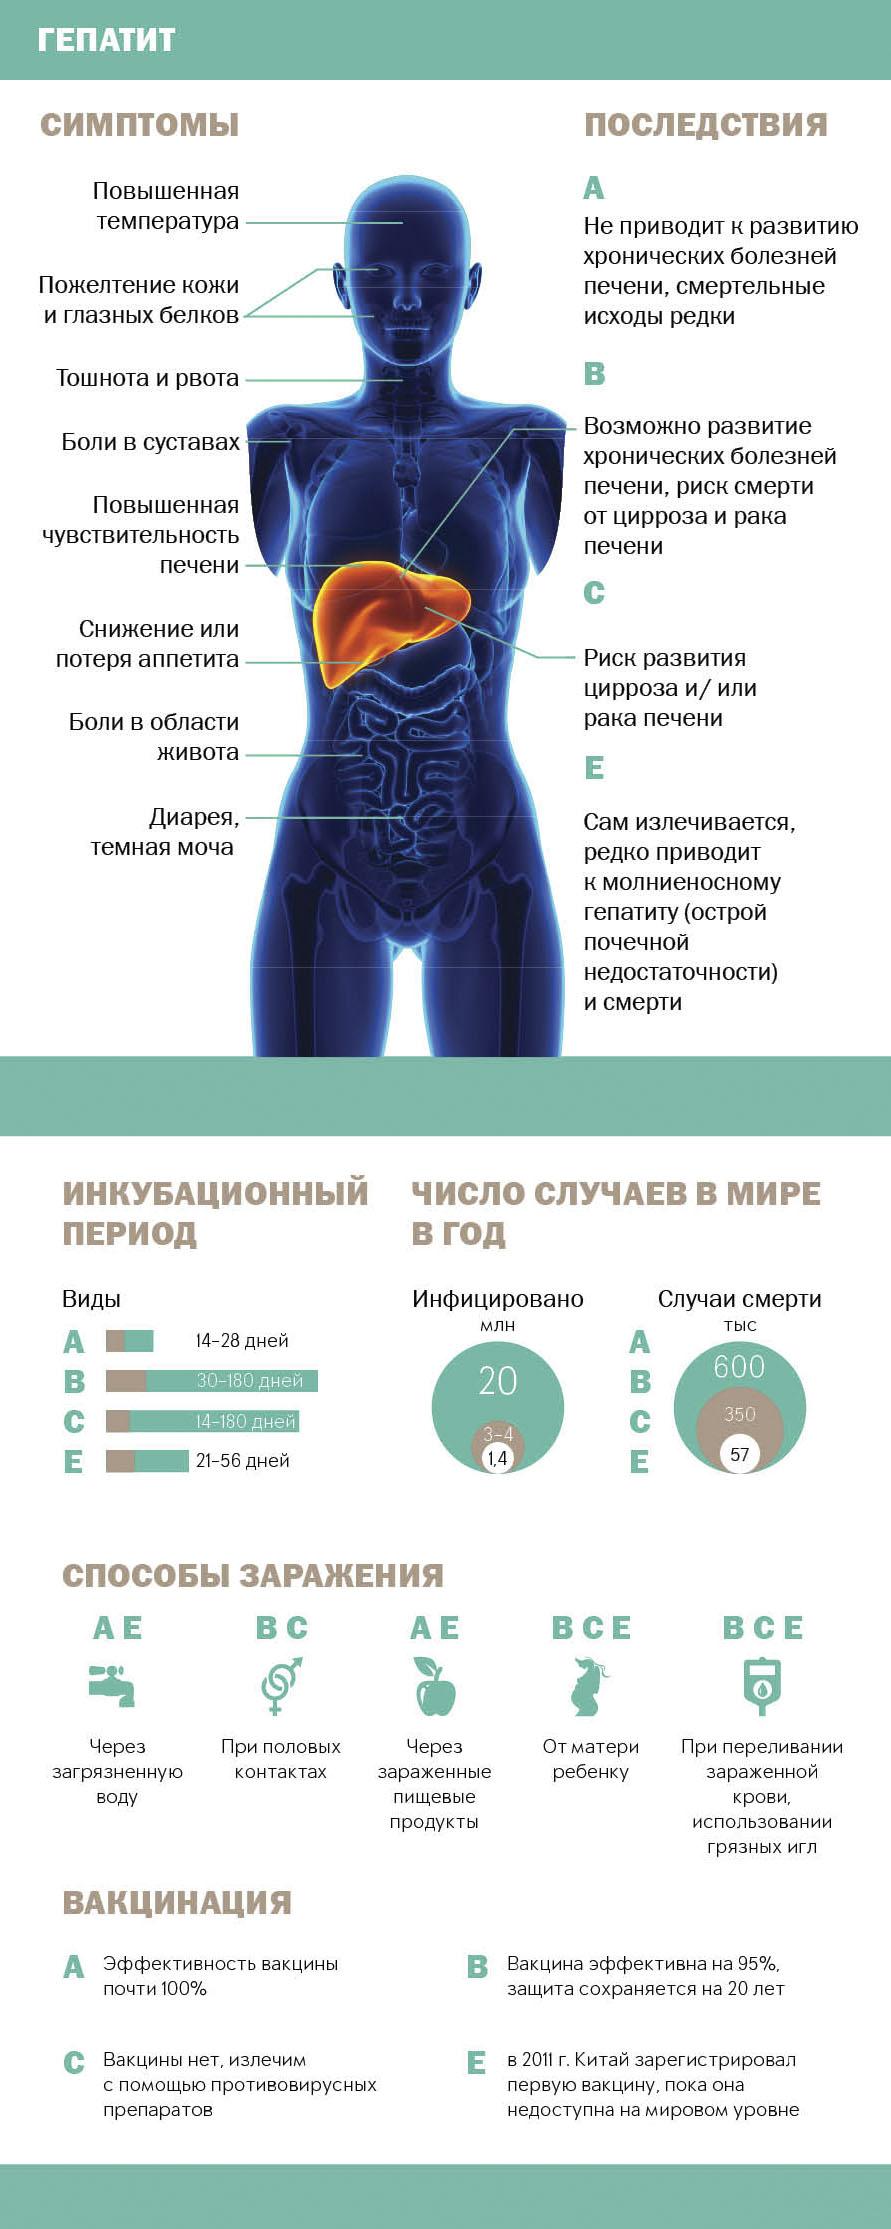 Клинические симптомы гепатита С